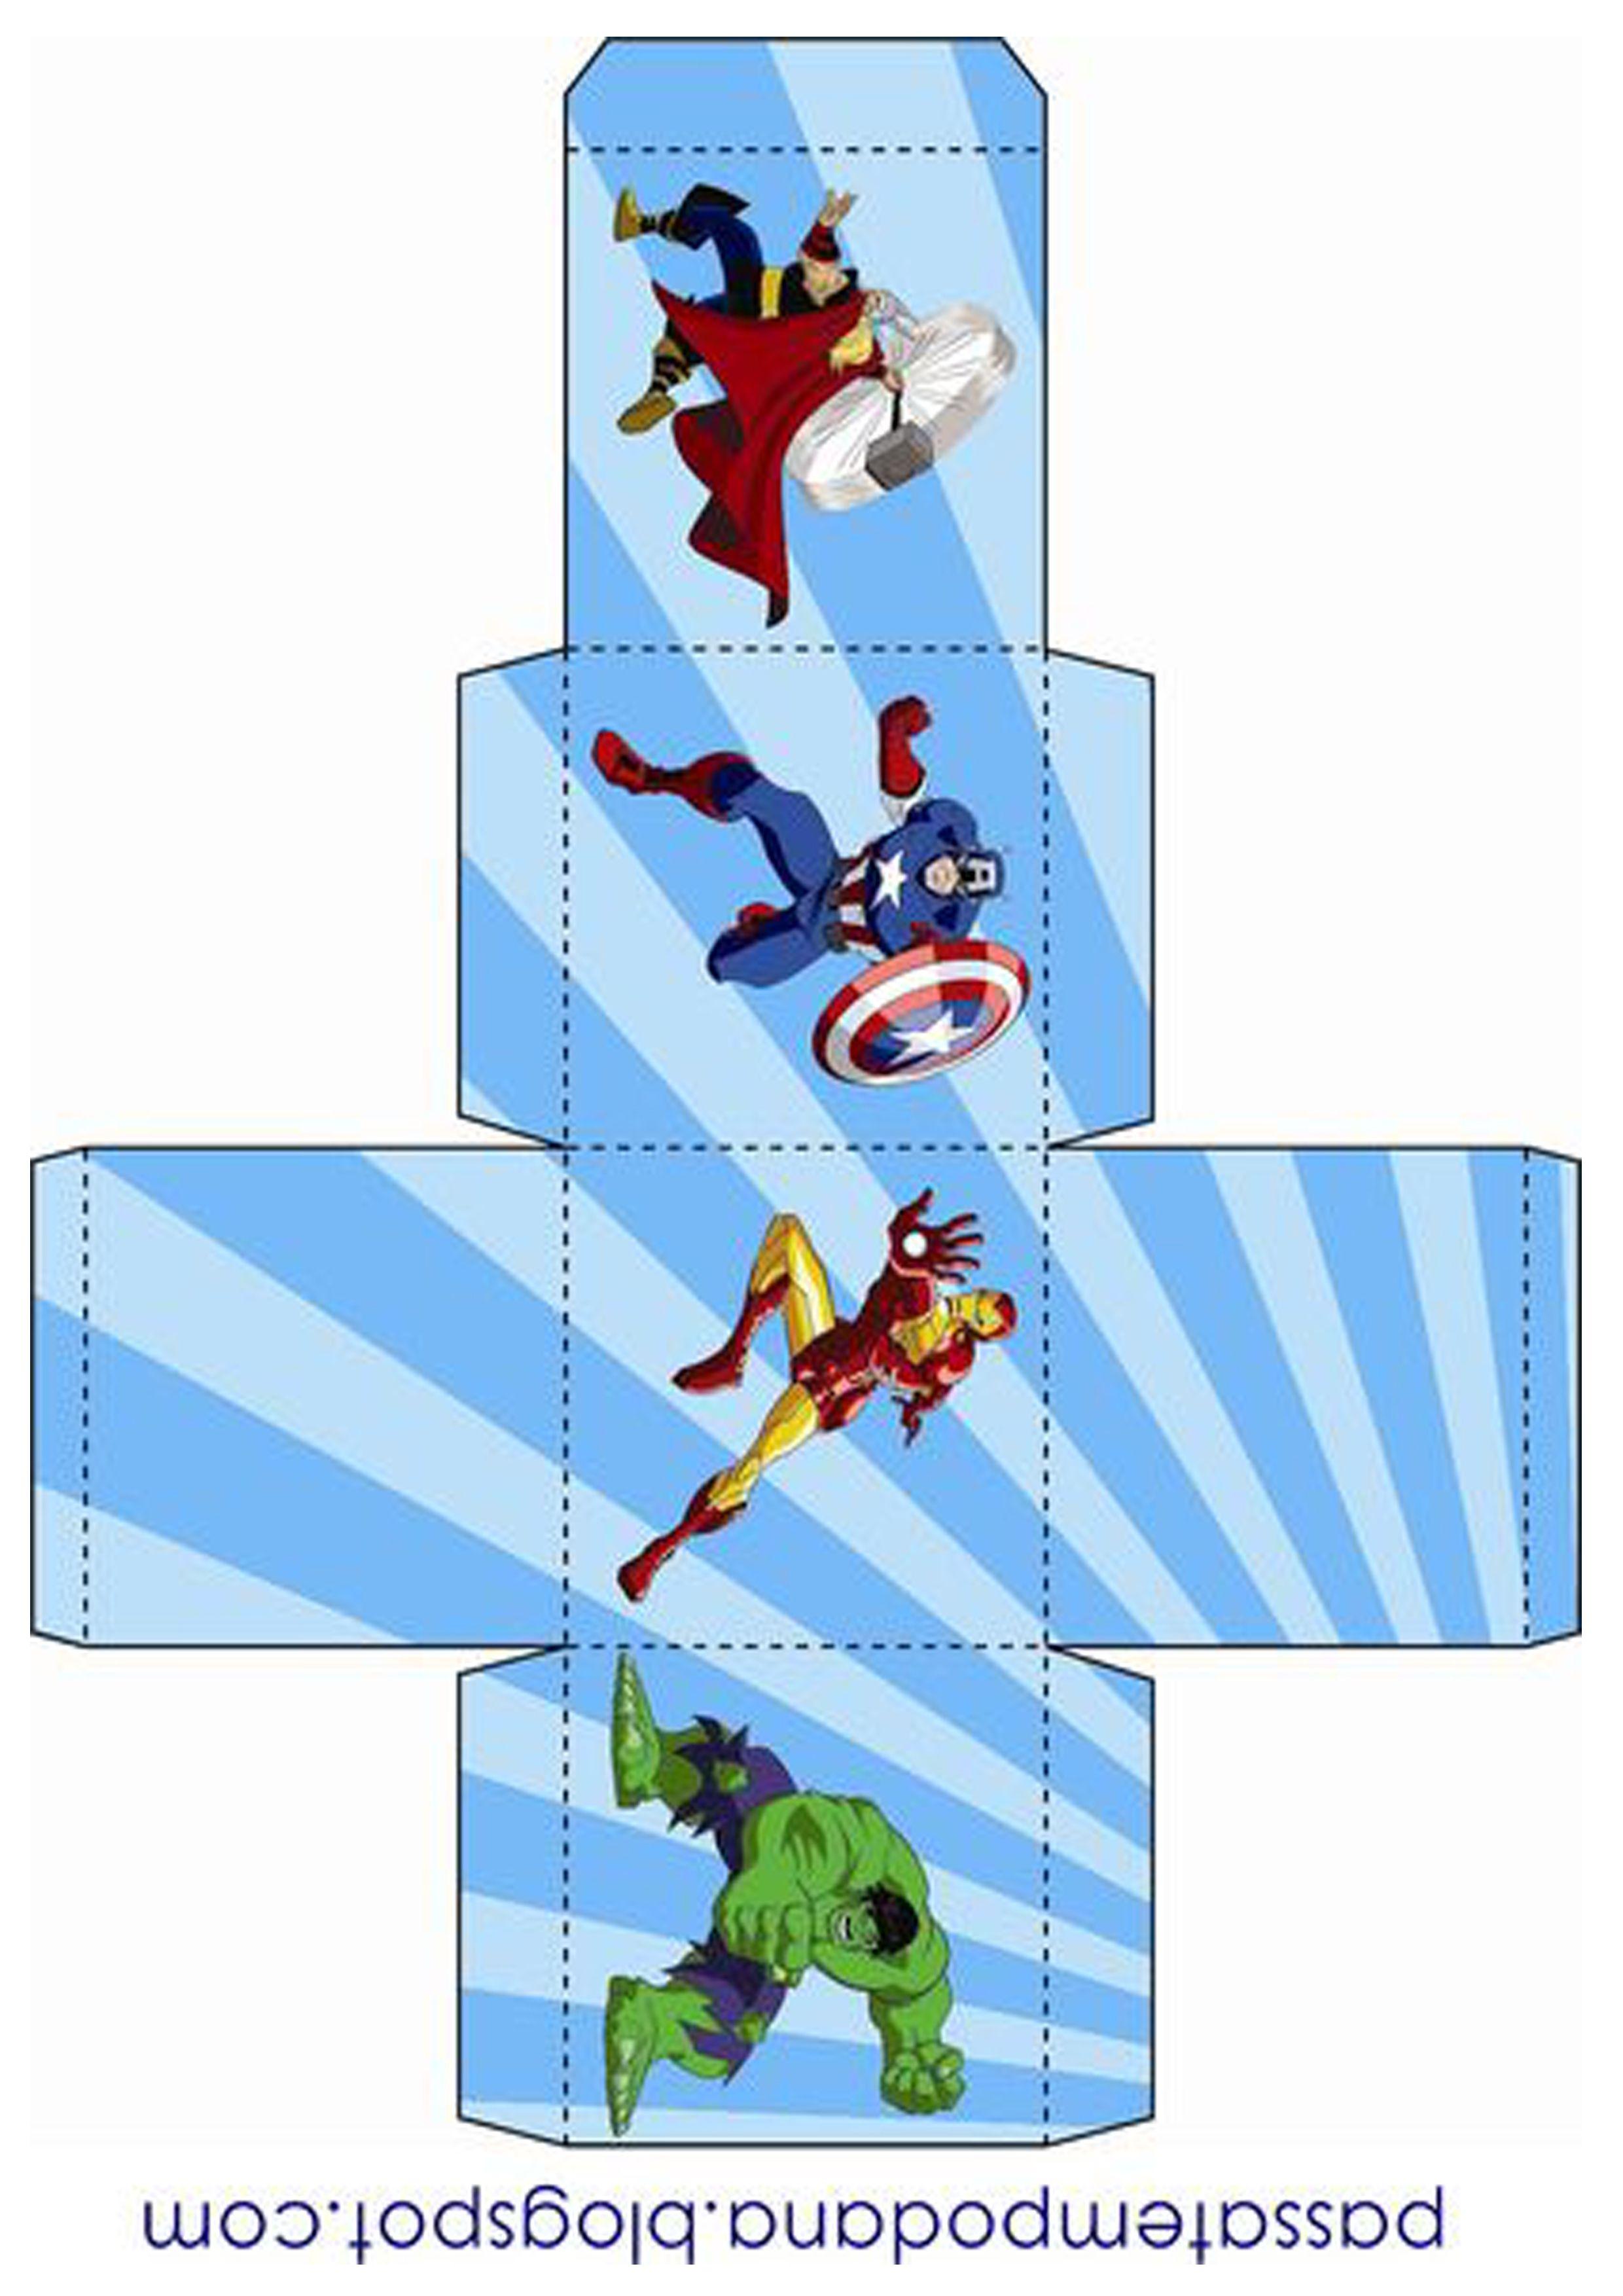 قالب جاهز للطباعة توزيعات للأولاد Gaming Logos Cards Logos